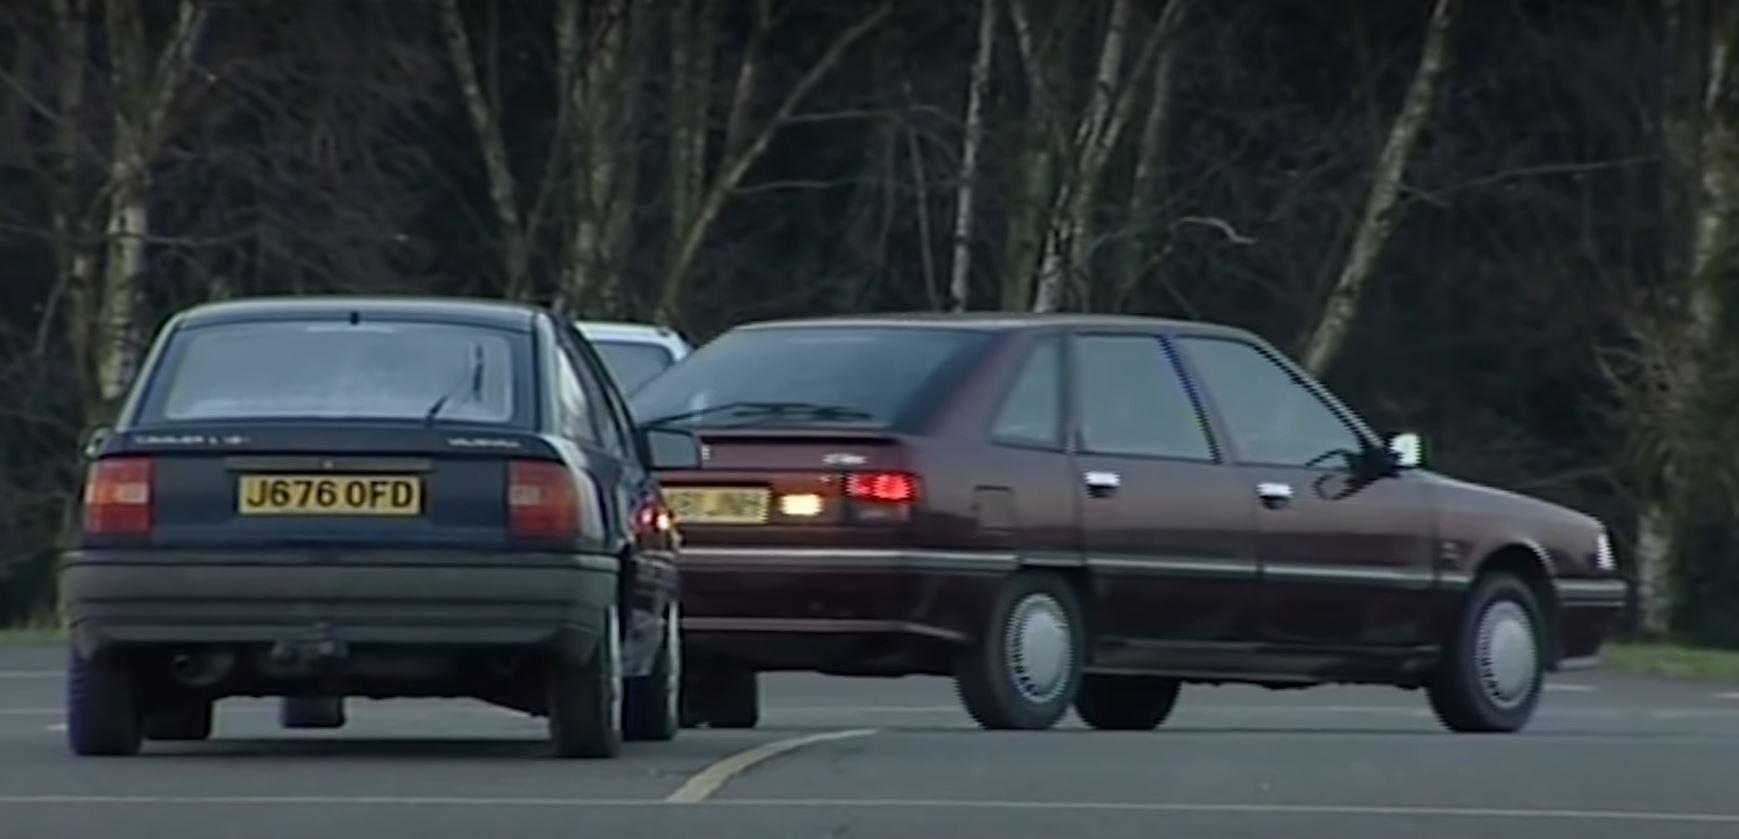 Voziti umoran je isto što i voziti pijan (VIDEO)